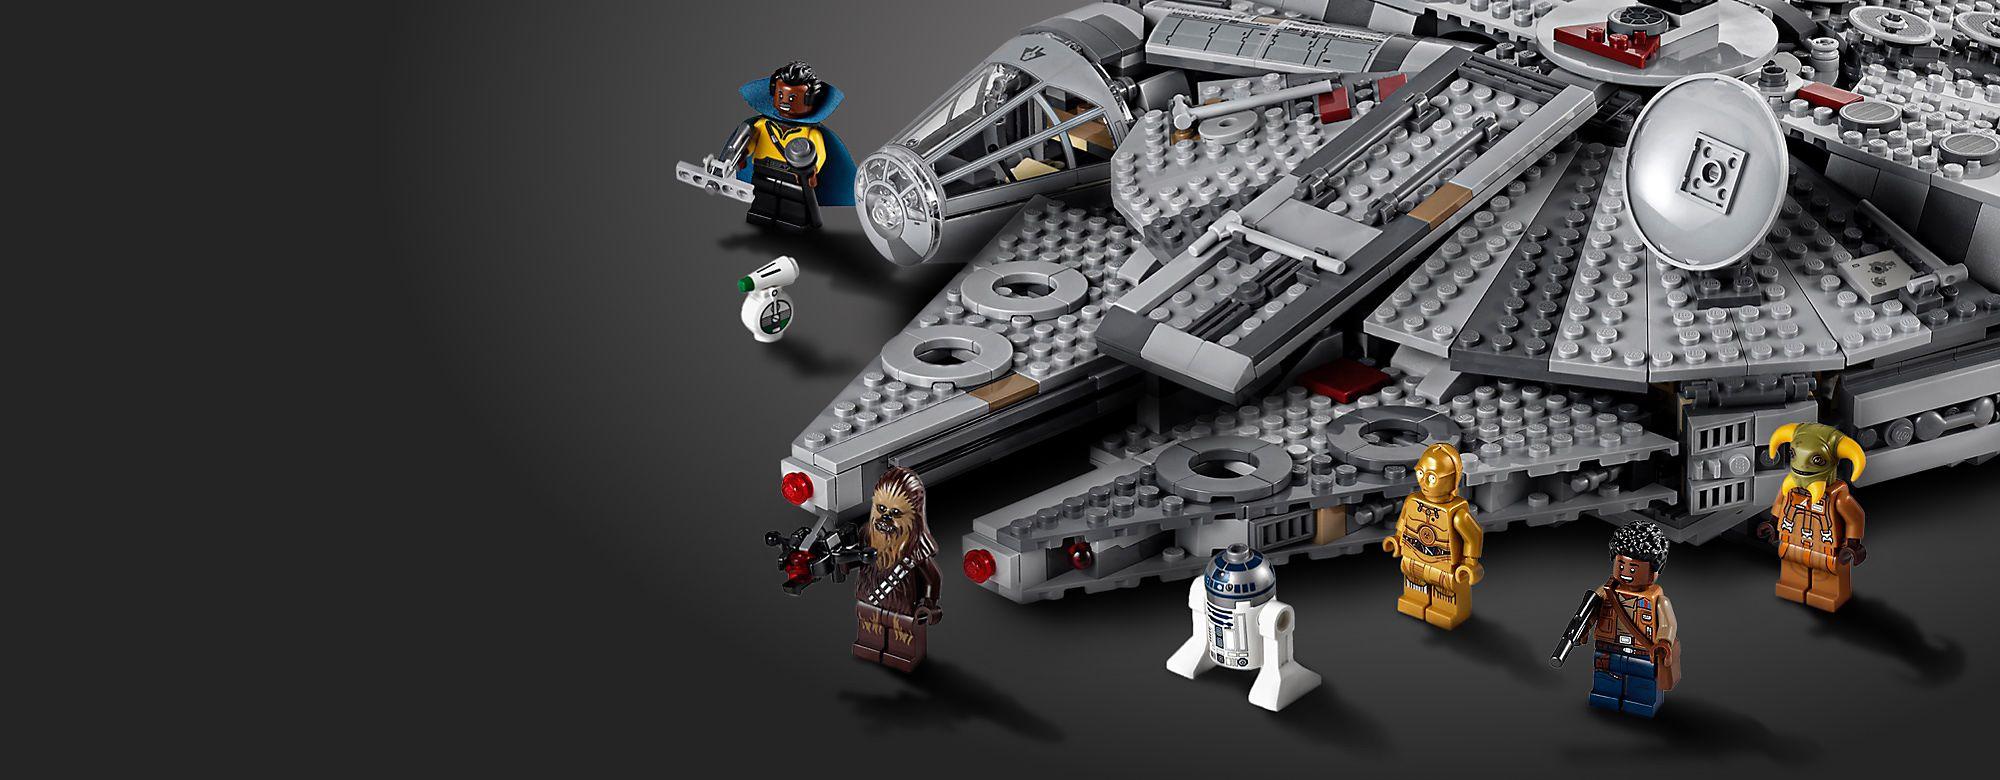 LEGO Risveglia la tua immaginazione e divertiti